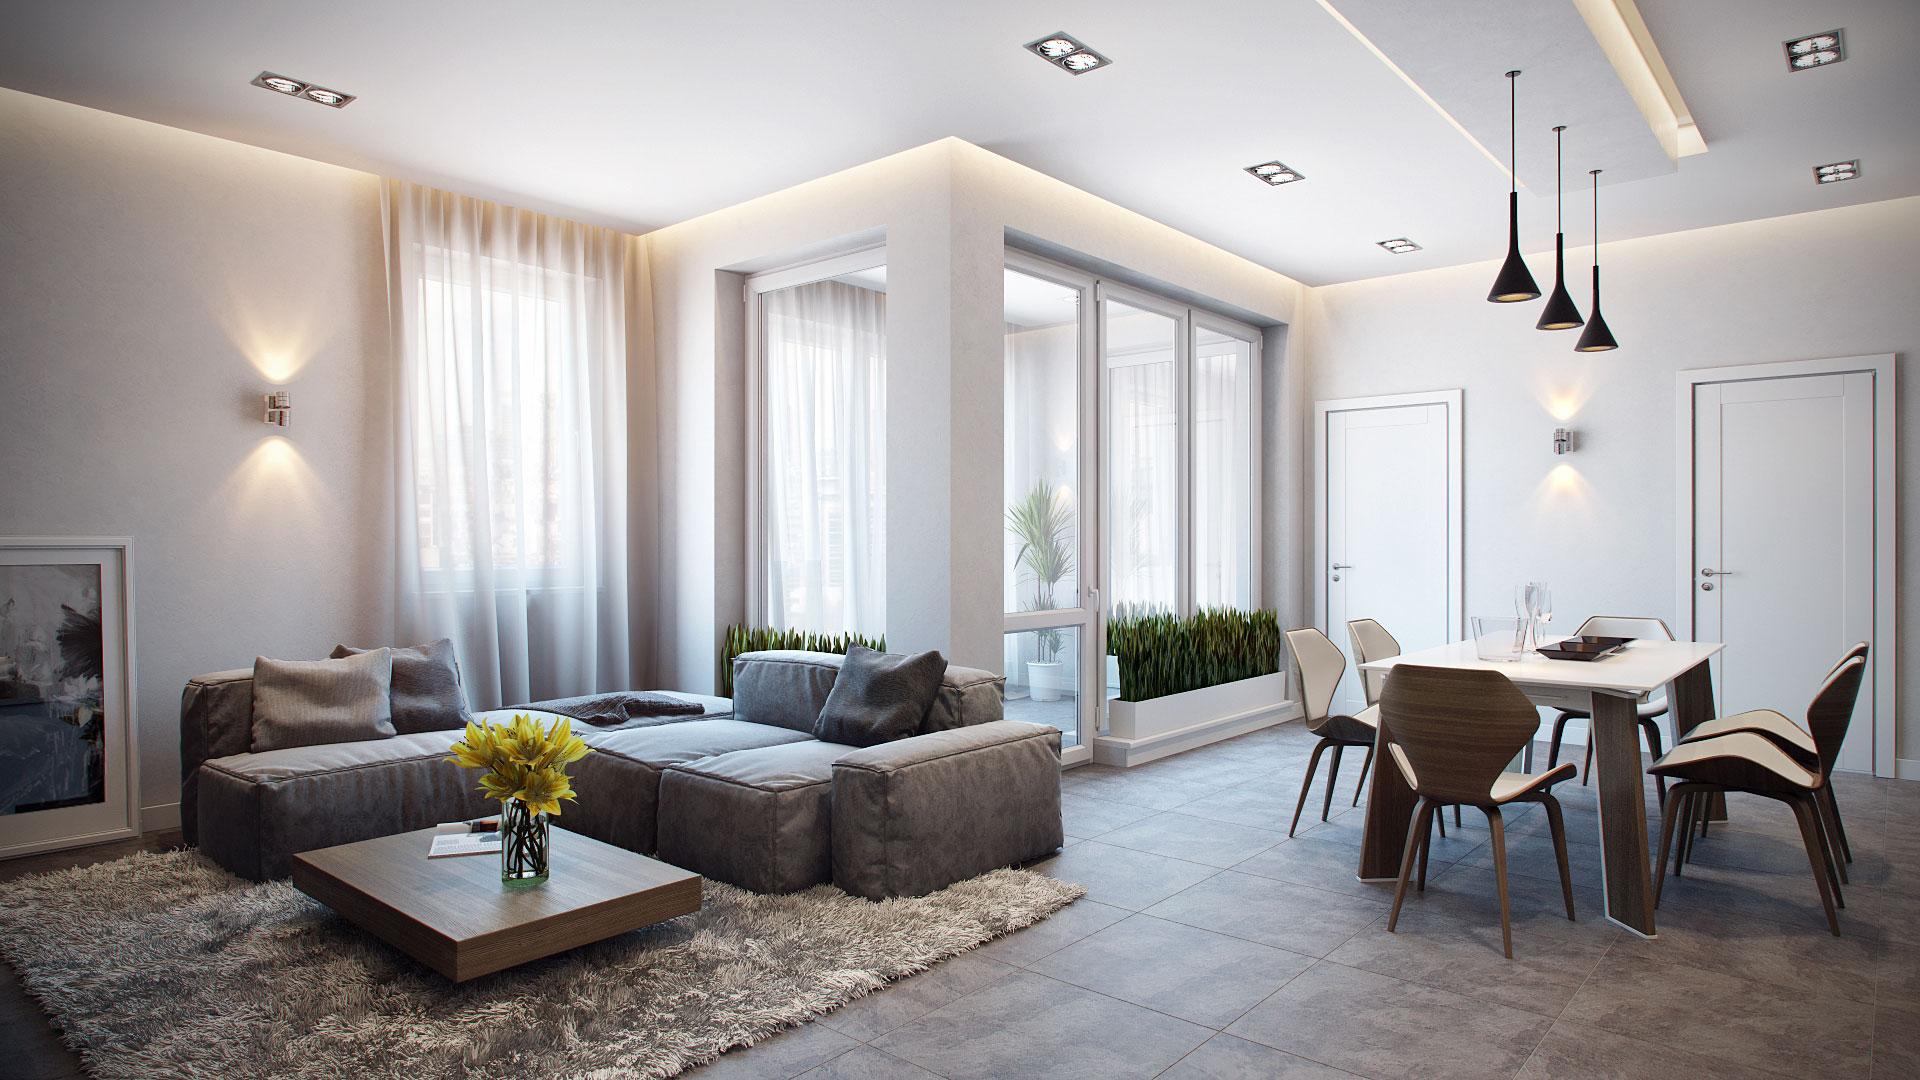 Интерьер дизайнерской квартиры-студии от Александра Зензуро